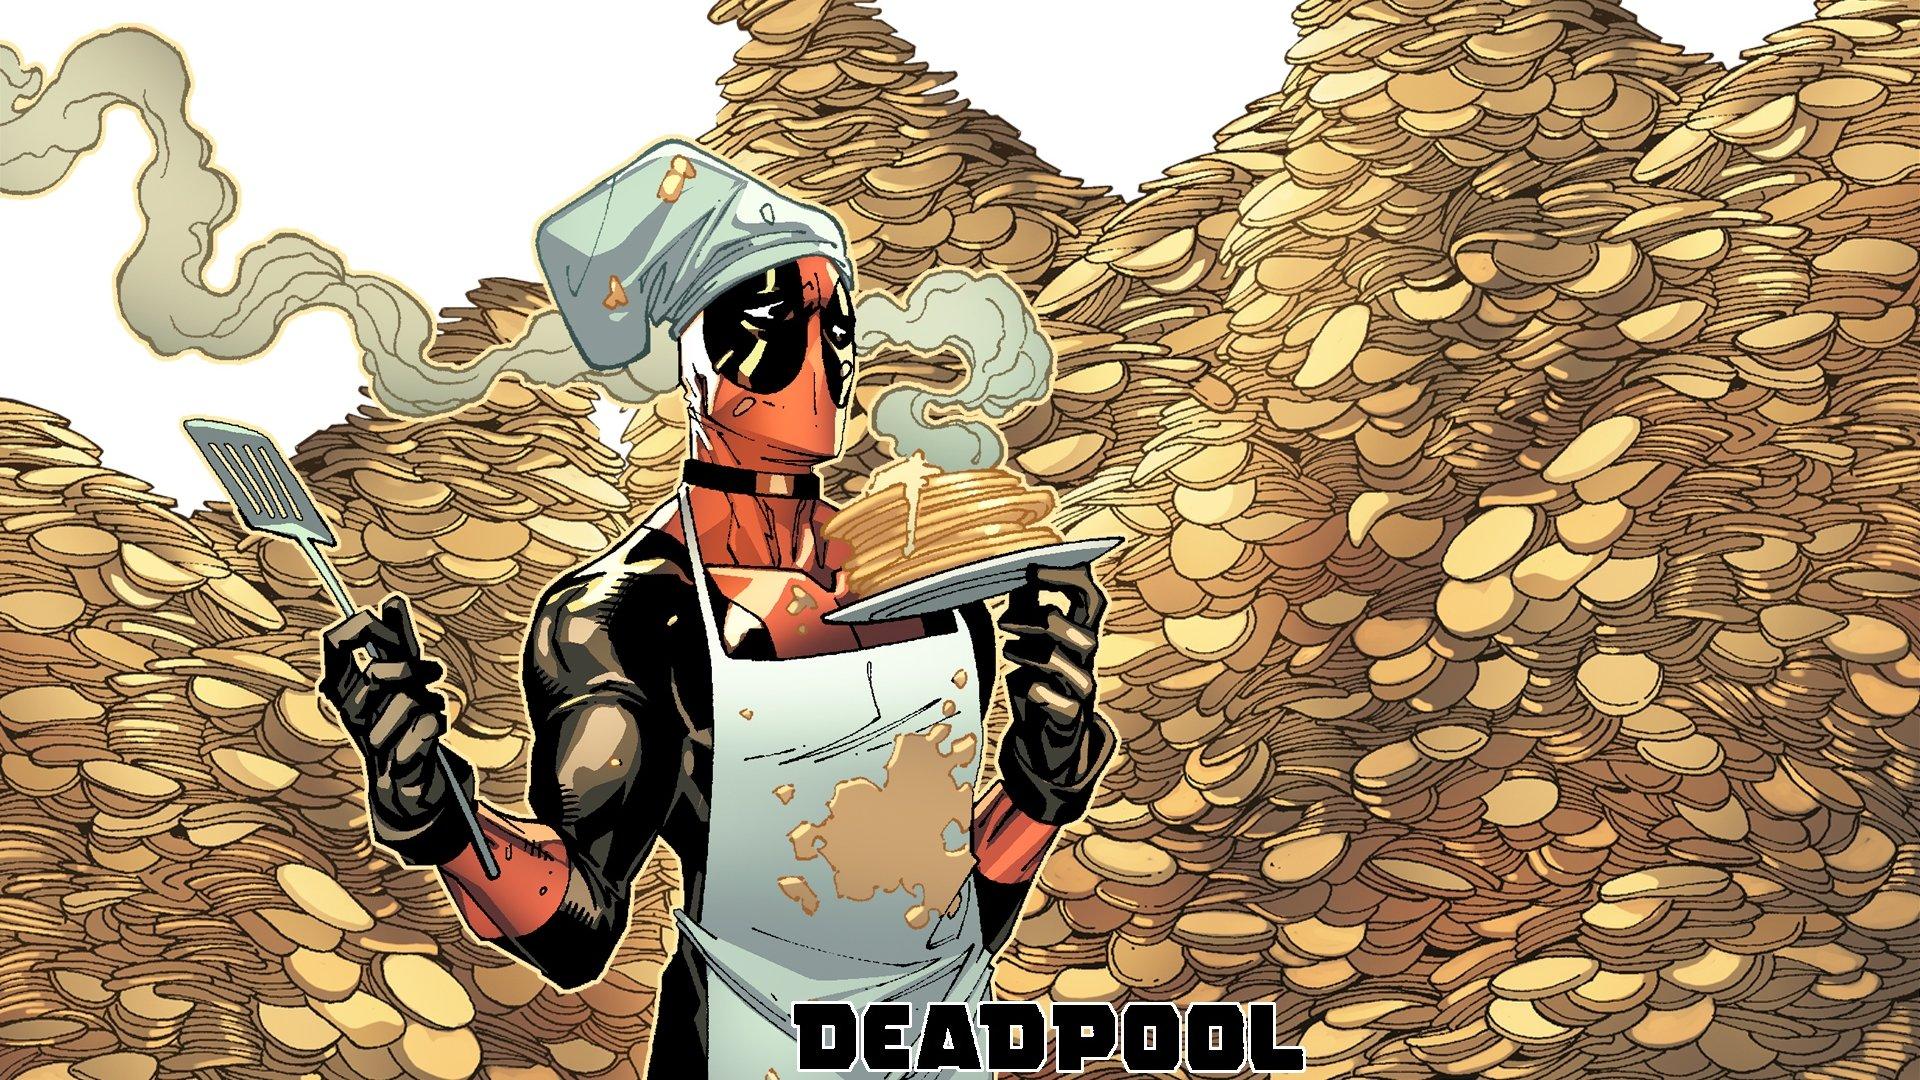 Lady Deadpool Wallpapers 1920x1080 Full Hd 1080p Desktop Backgrounds